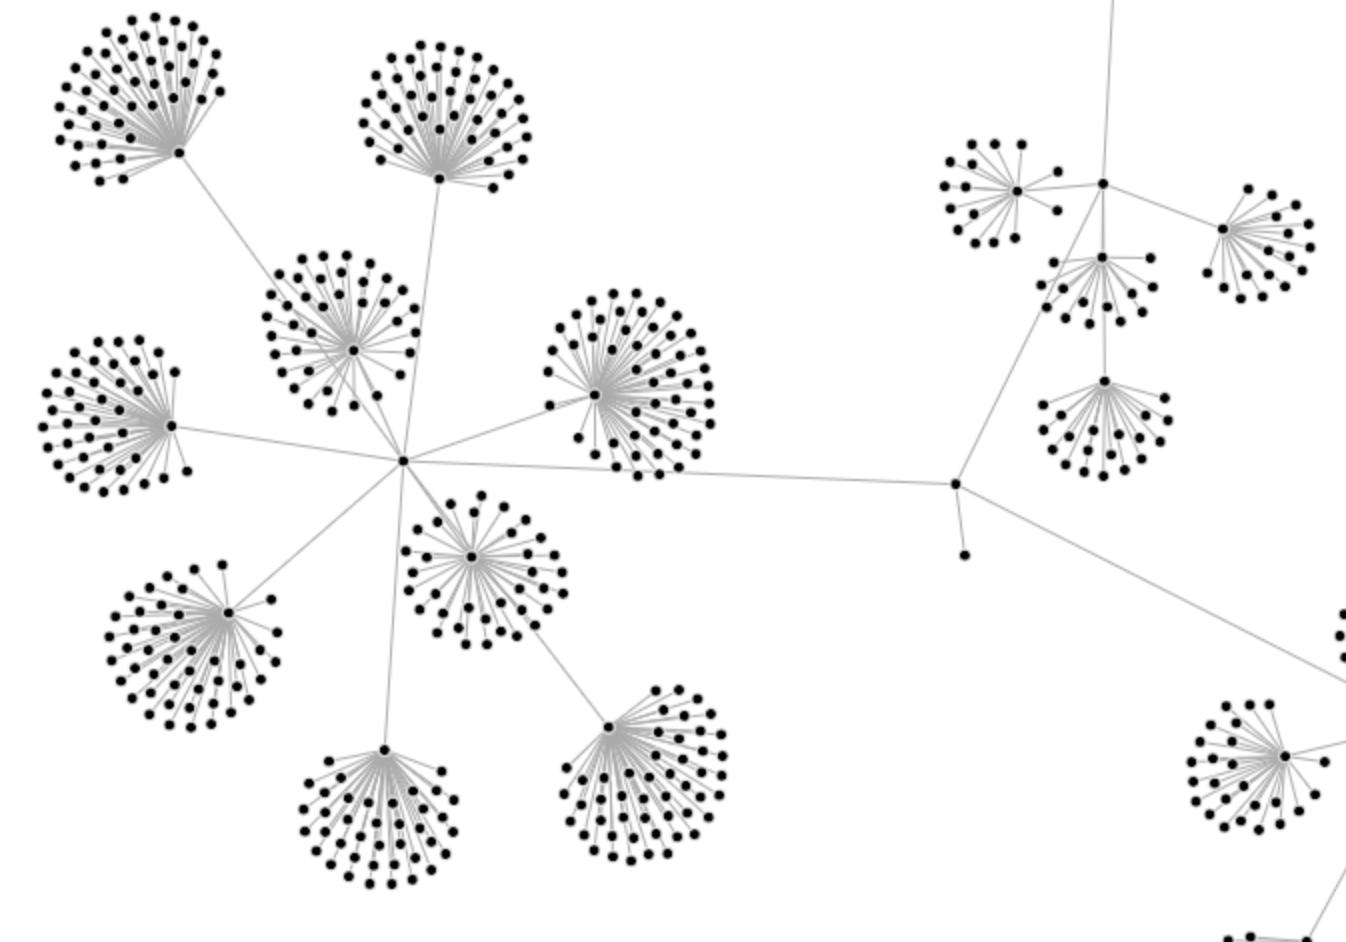 D3 Graph